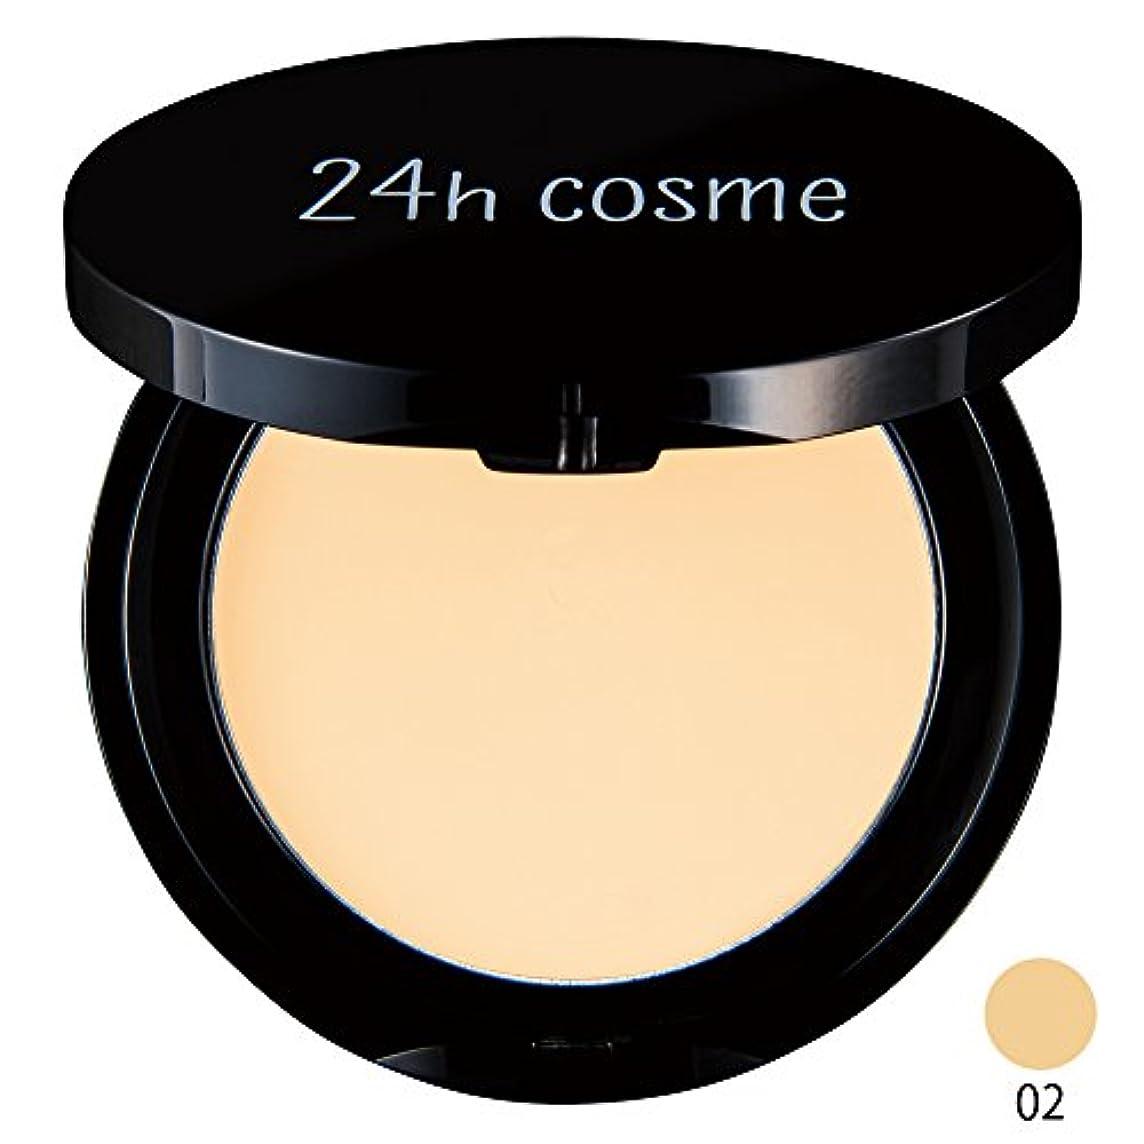 24h cosme 24 ミネラルクリームファンデ 02ライト SPF50+/PA++++